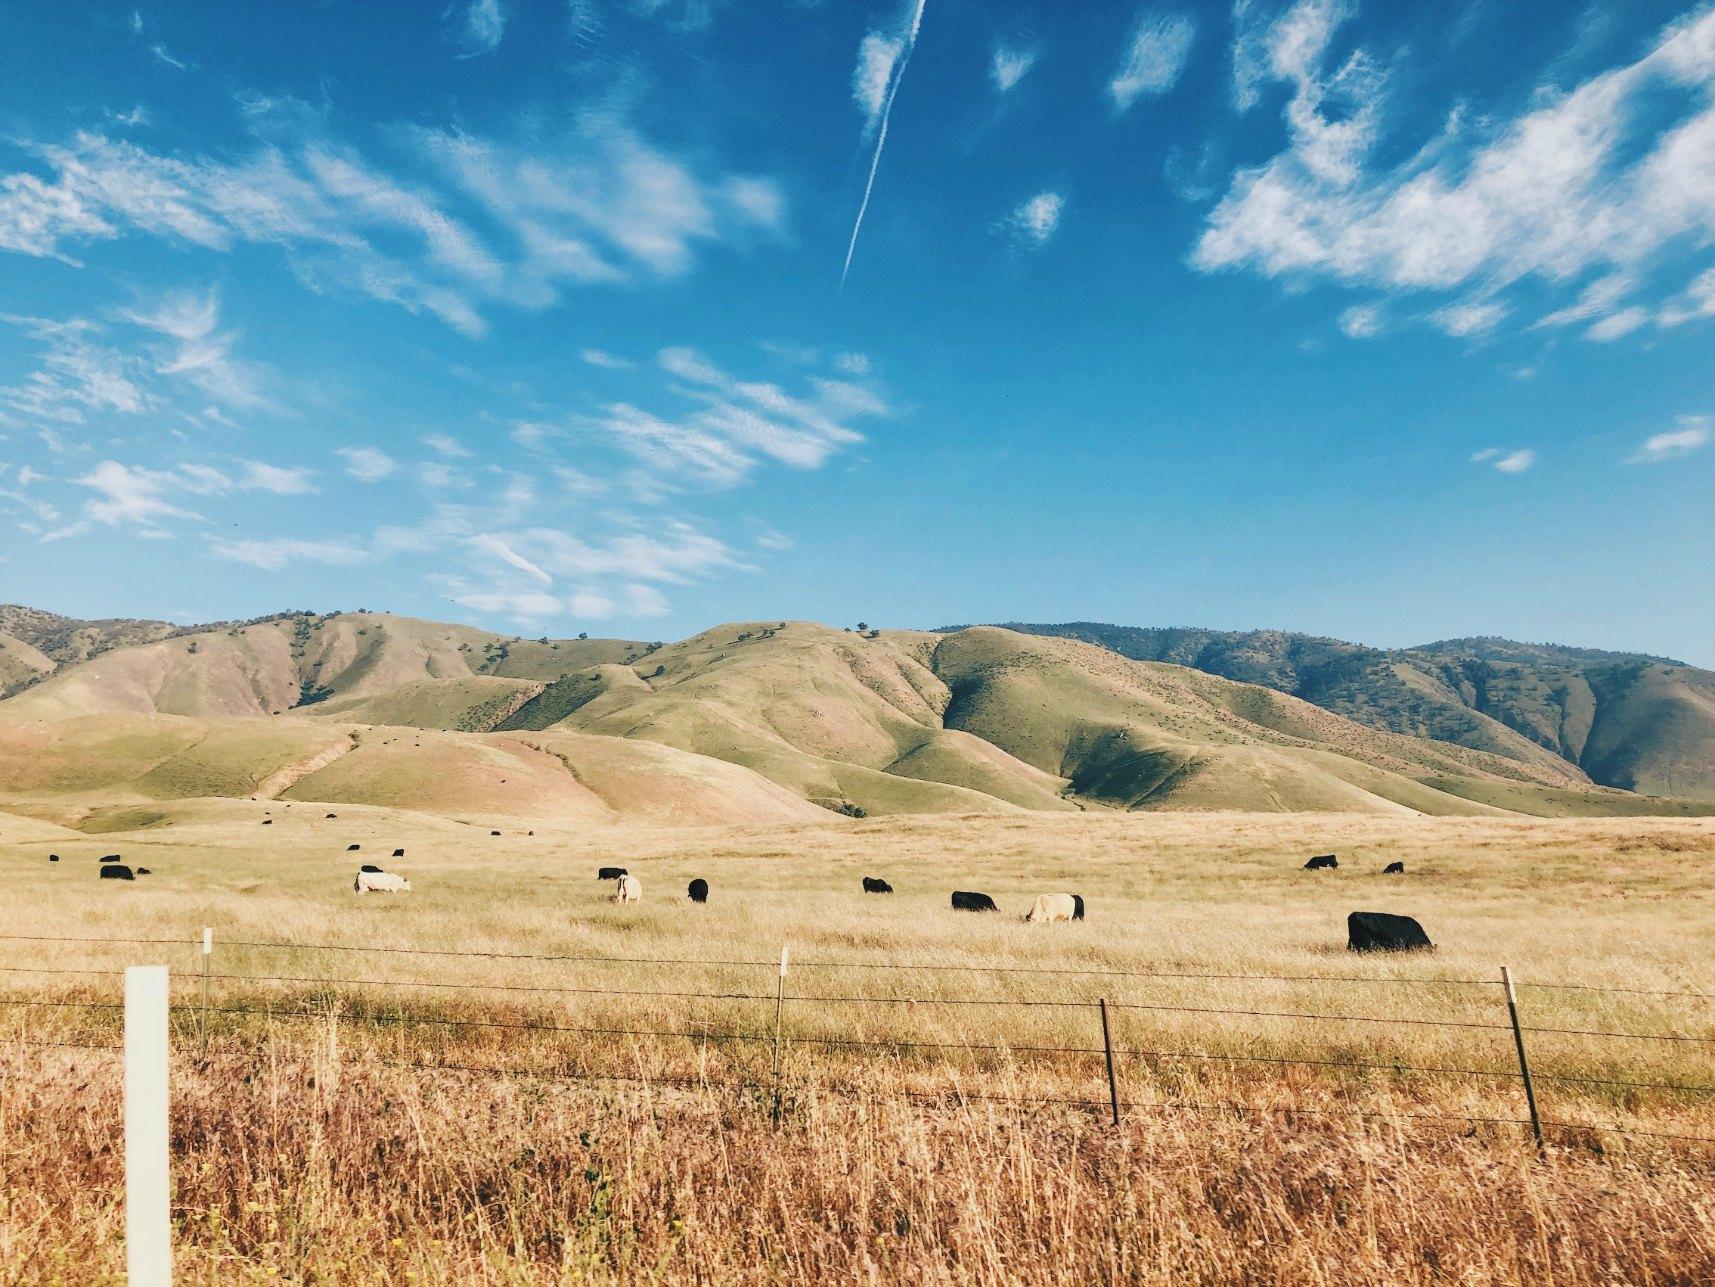 kalifornia_niitty.jpg